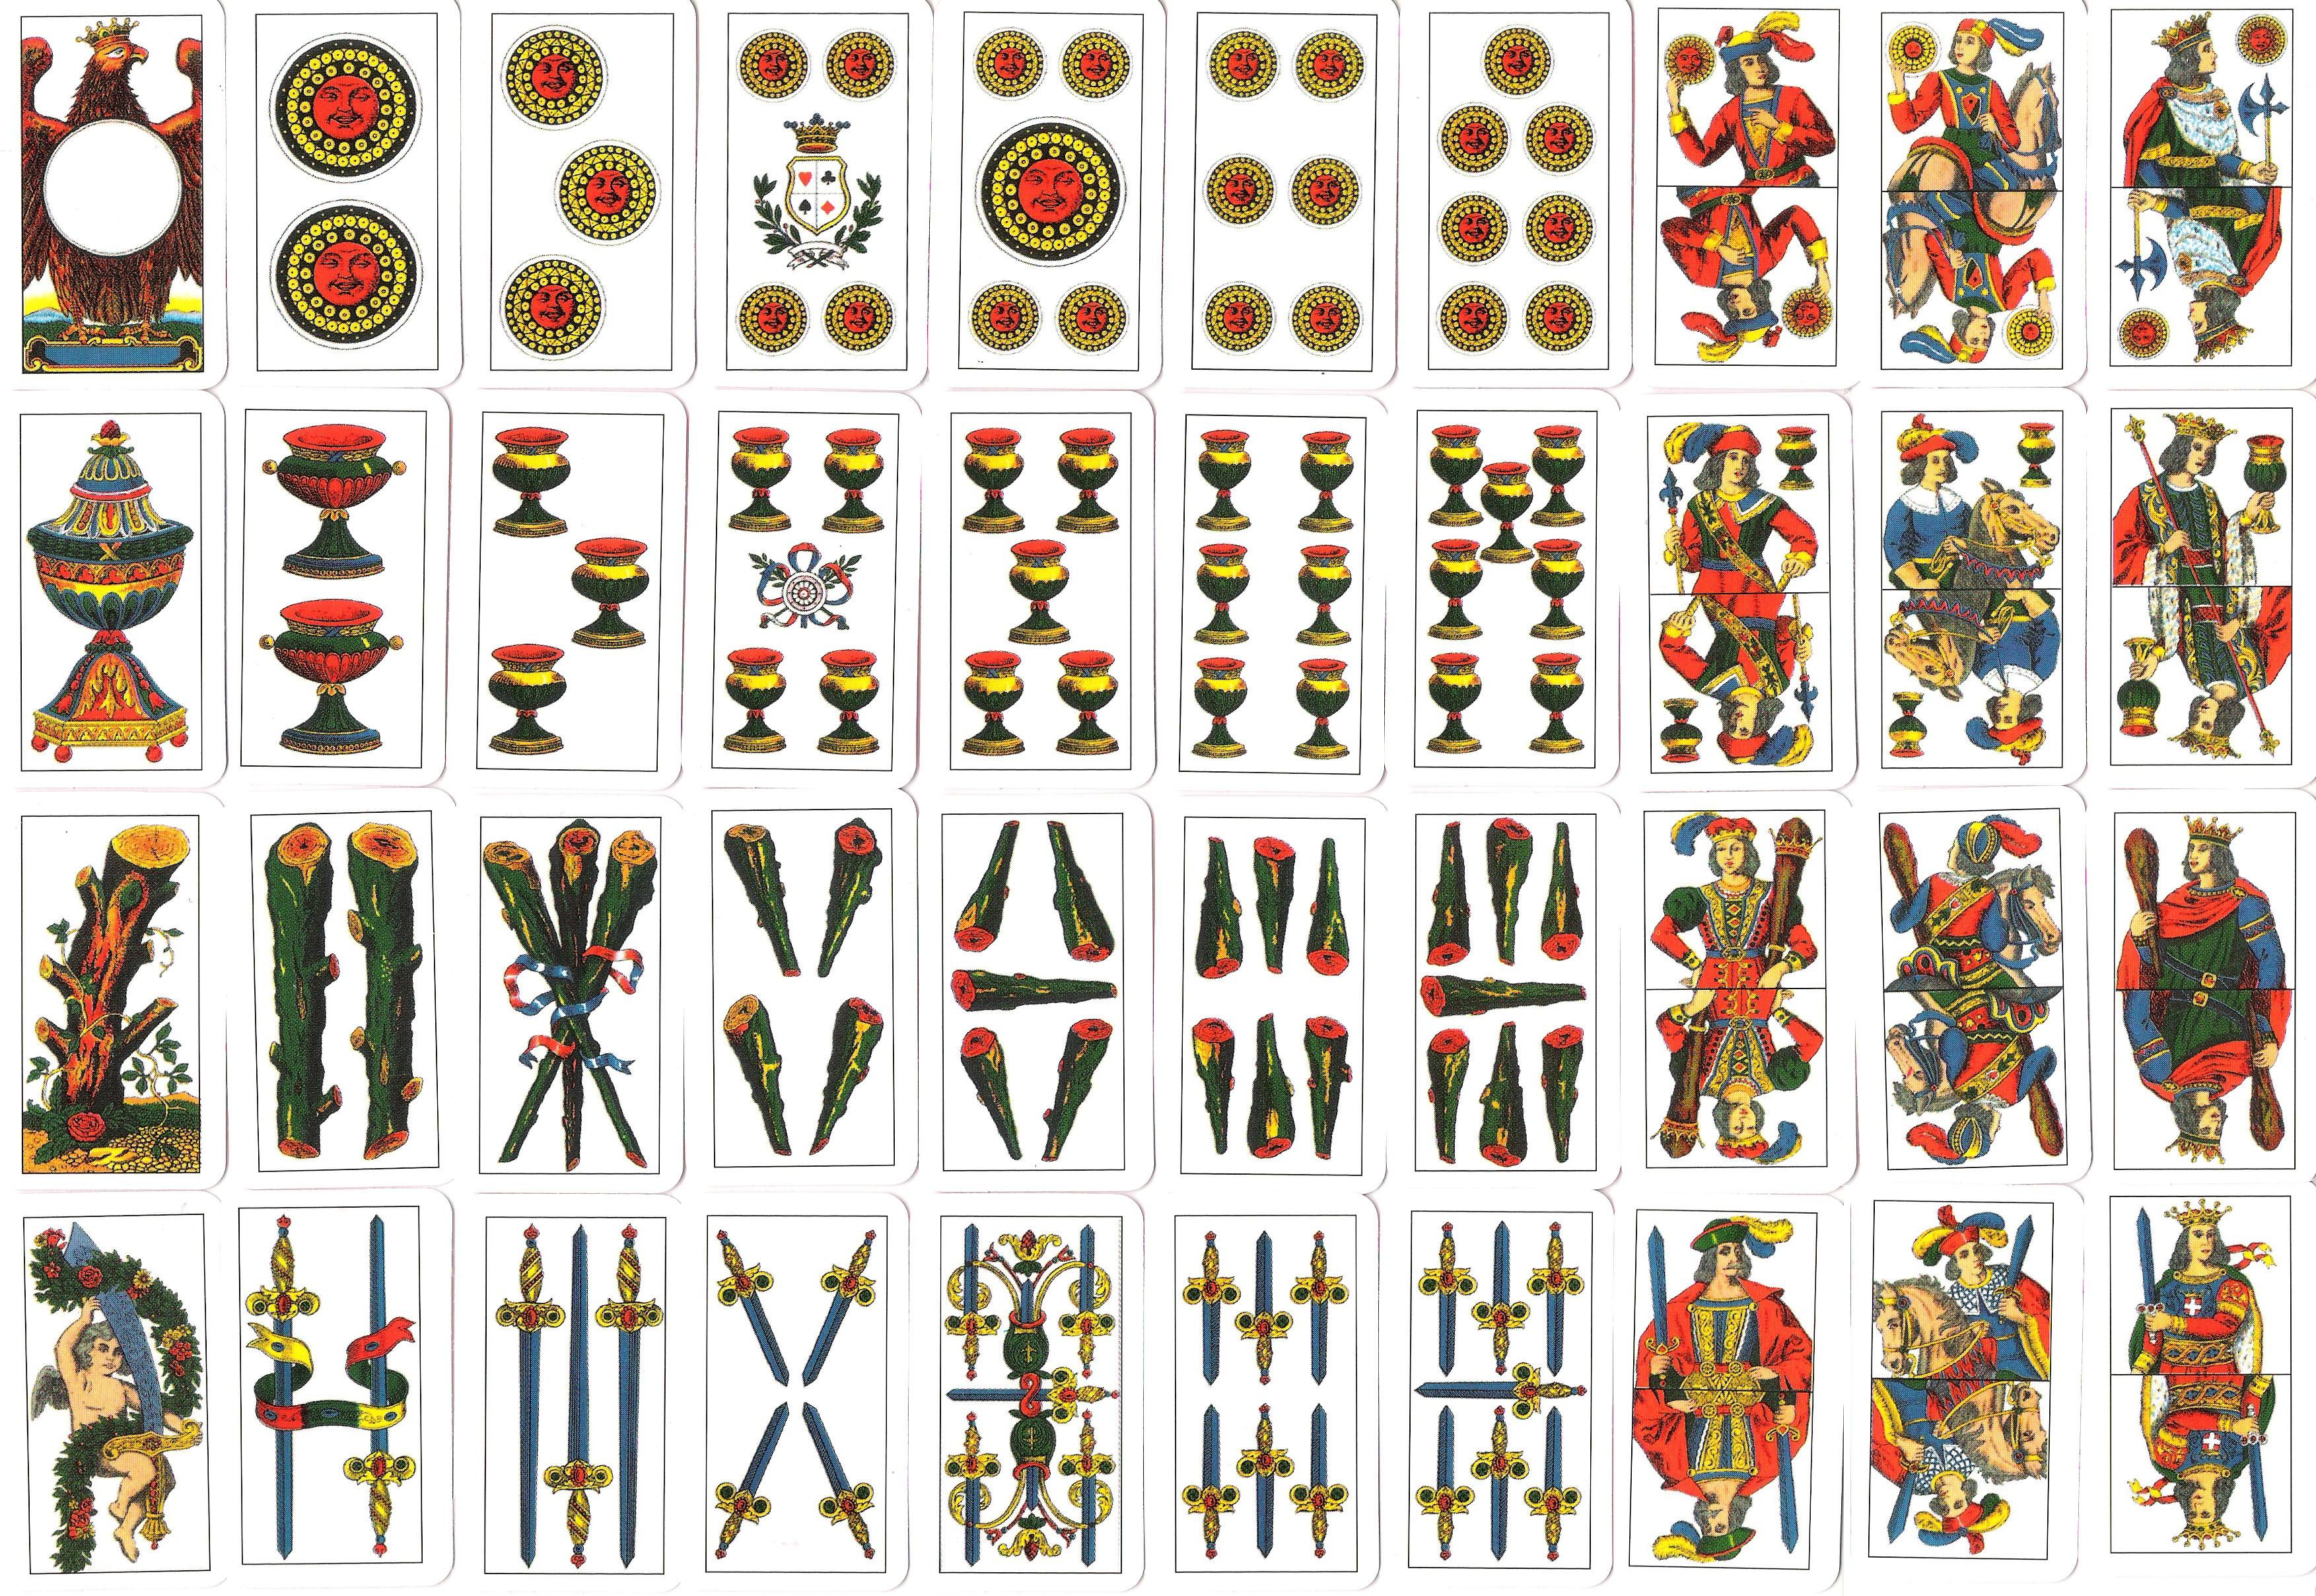 Italian gambling card games